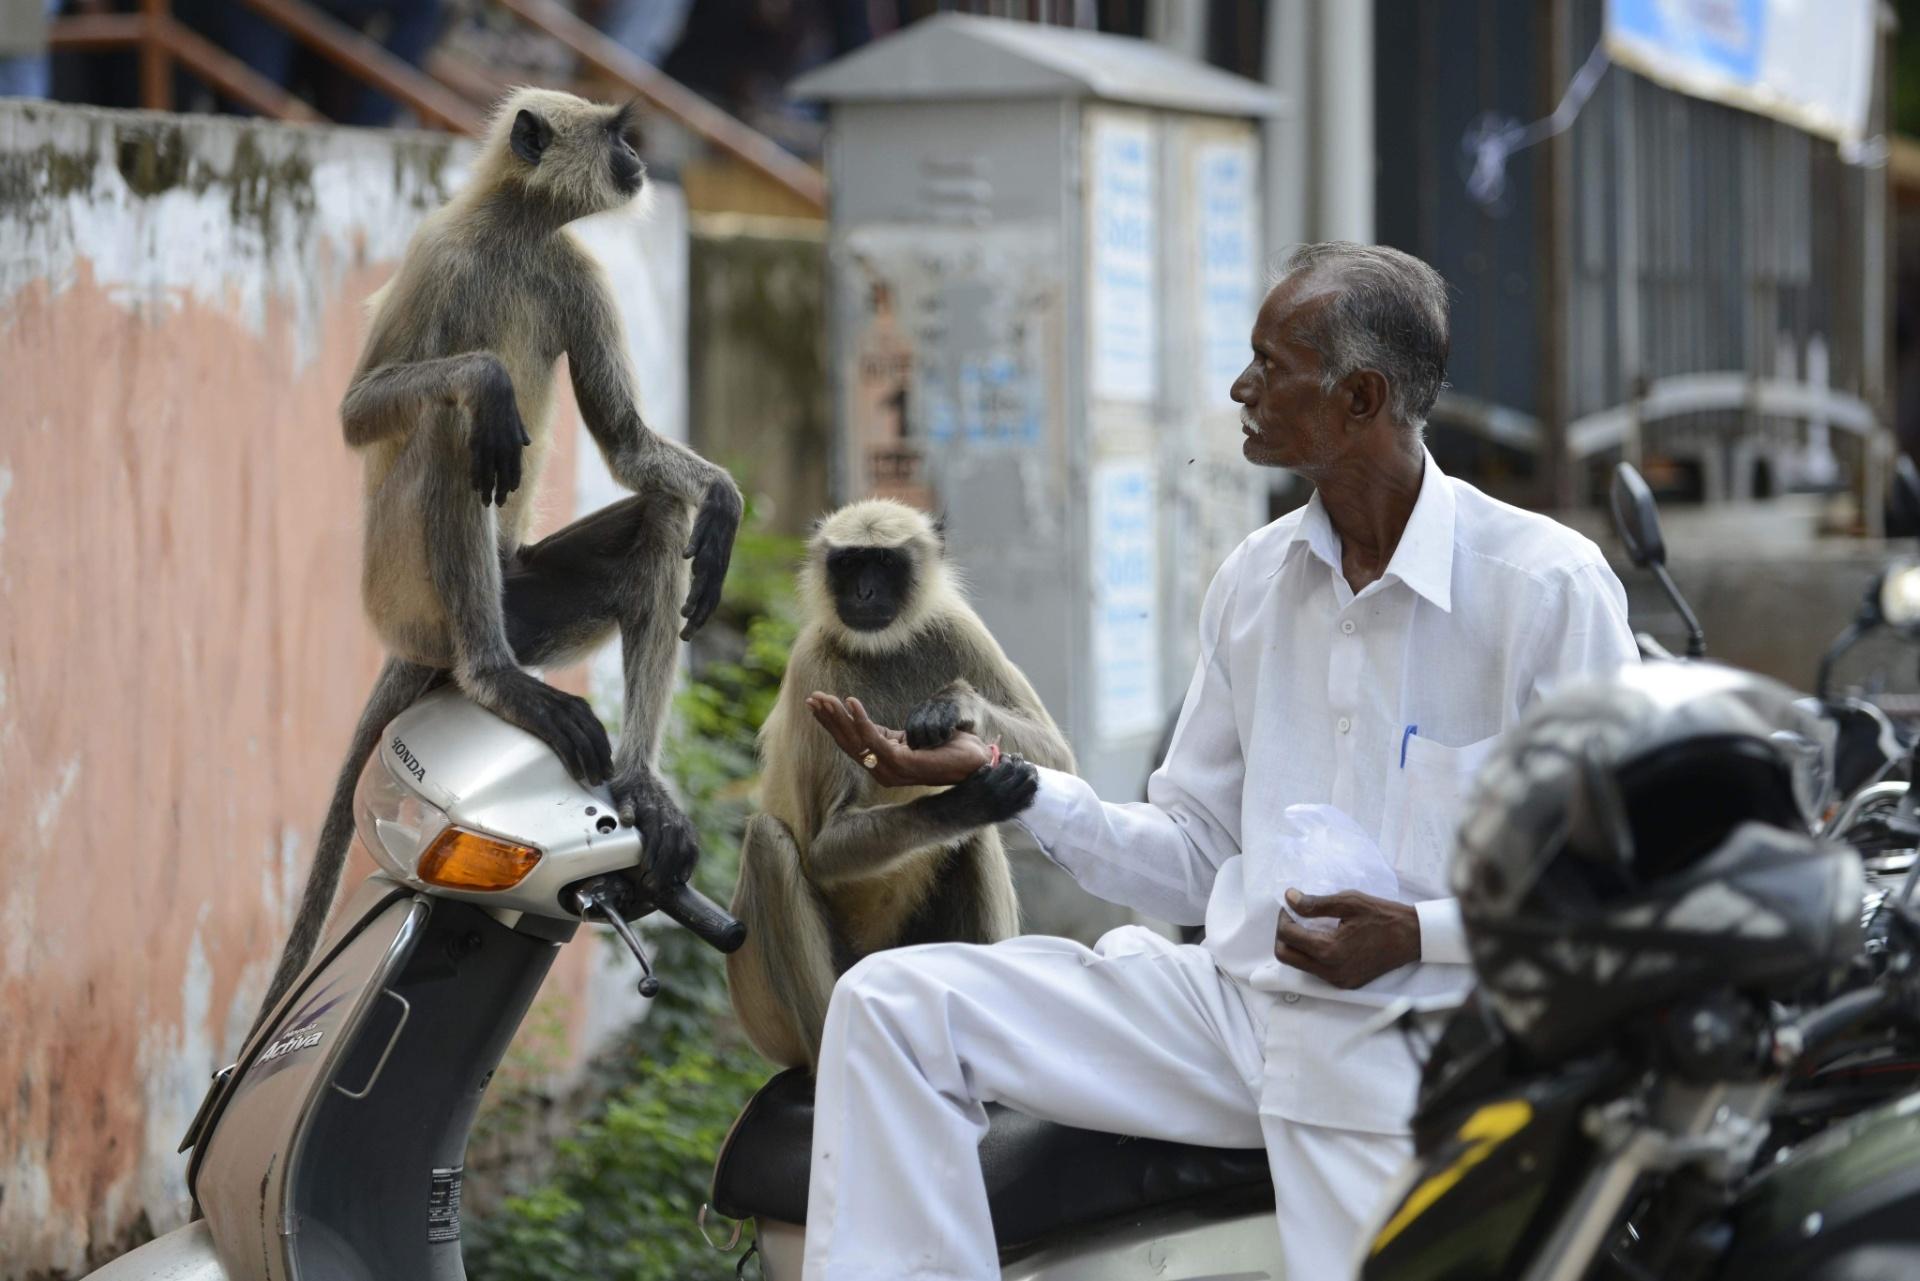 1º.ago.2016 - Indiano dá amendoins para macacos no meio de uma rua movimentada em Ahmedabad, na Índia. Alimentar animais é um gesto sagrado para os hindus